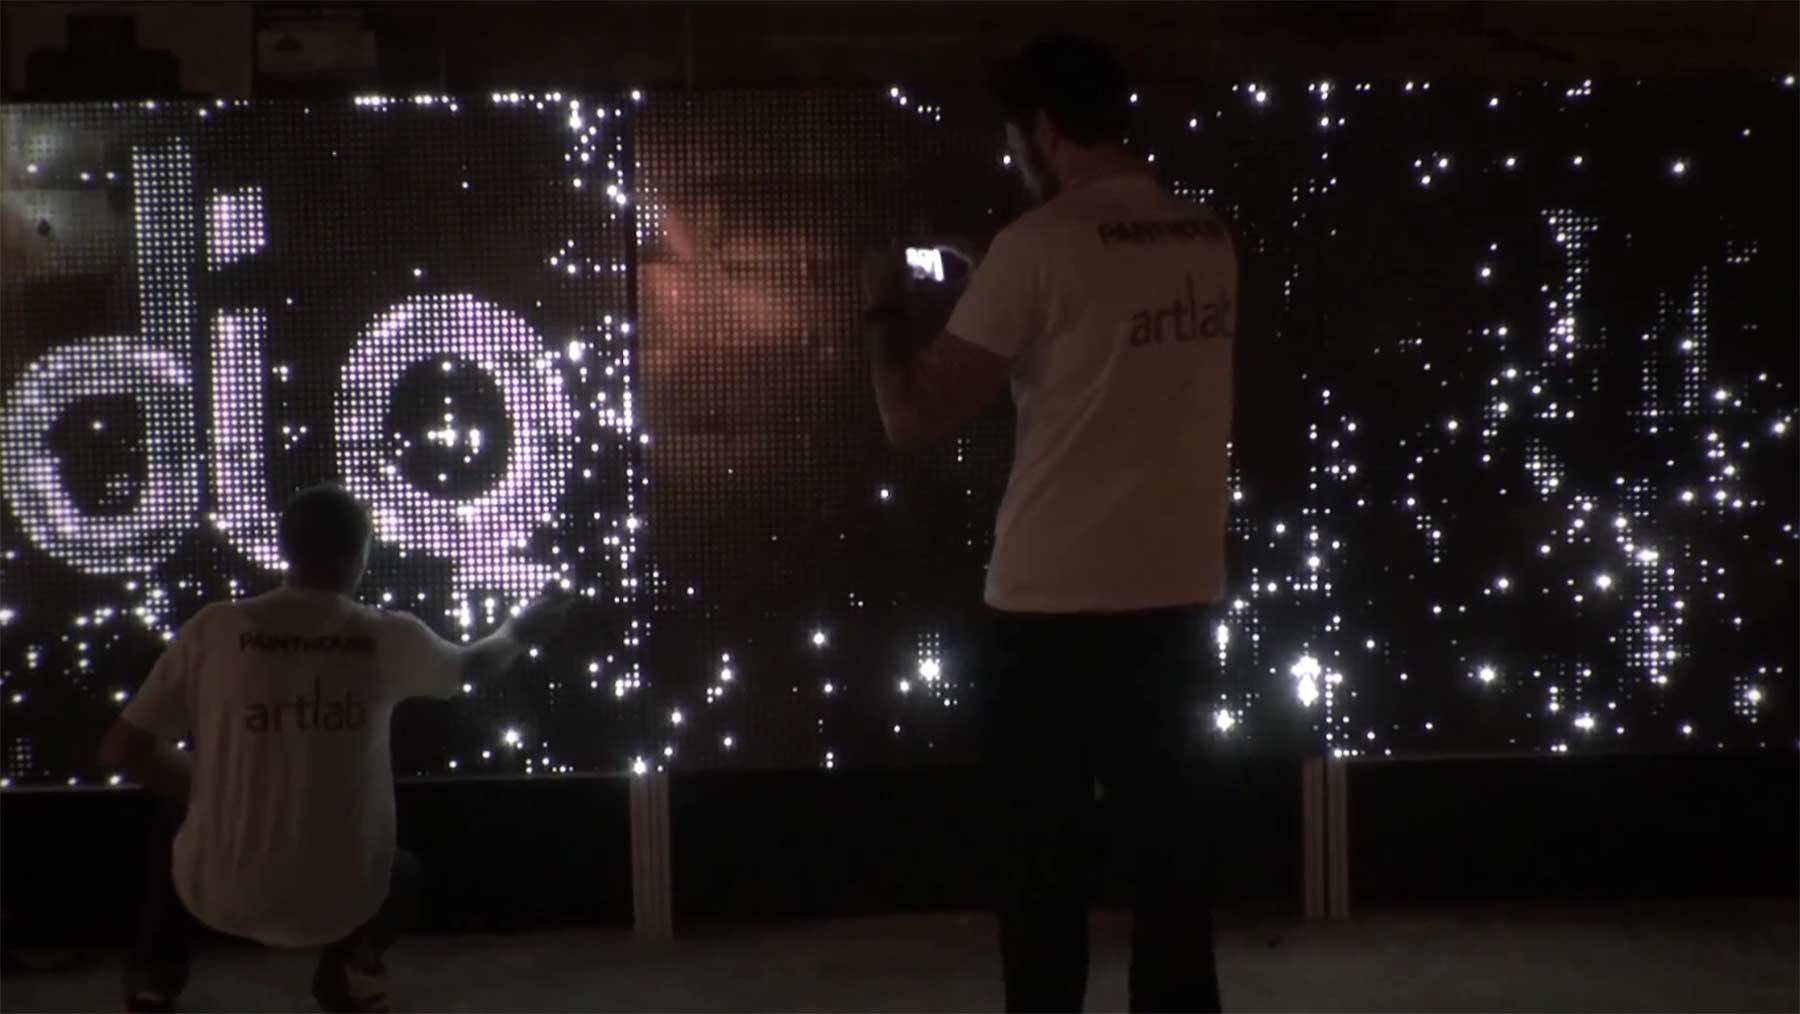 An einer LED-Wand wasseraktivierte Lichtbilder malen